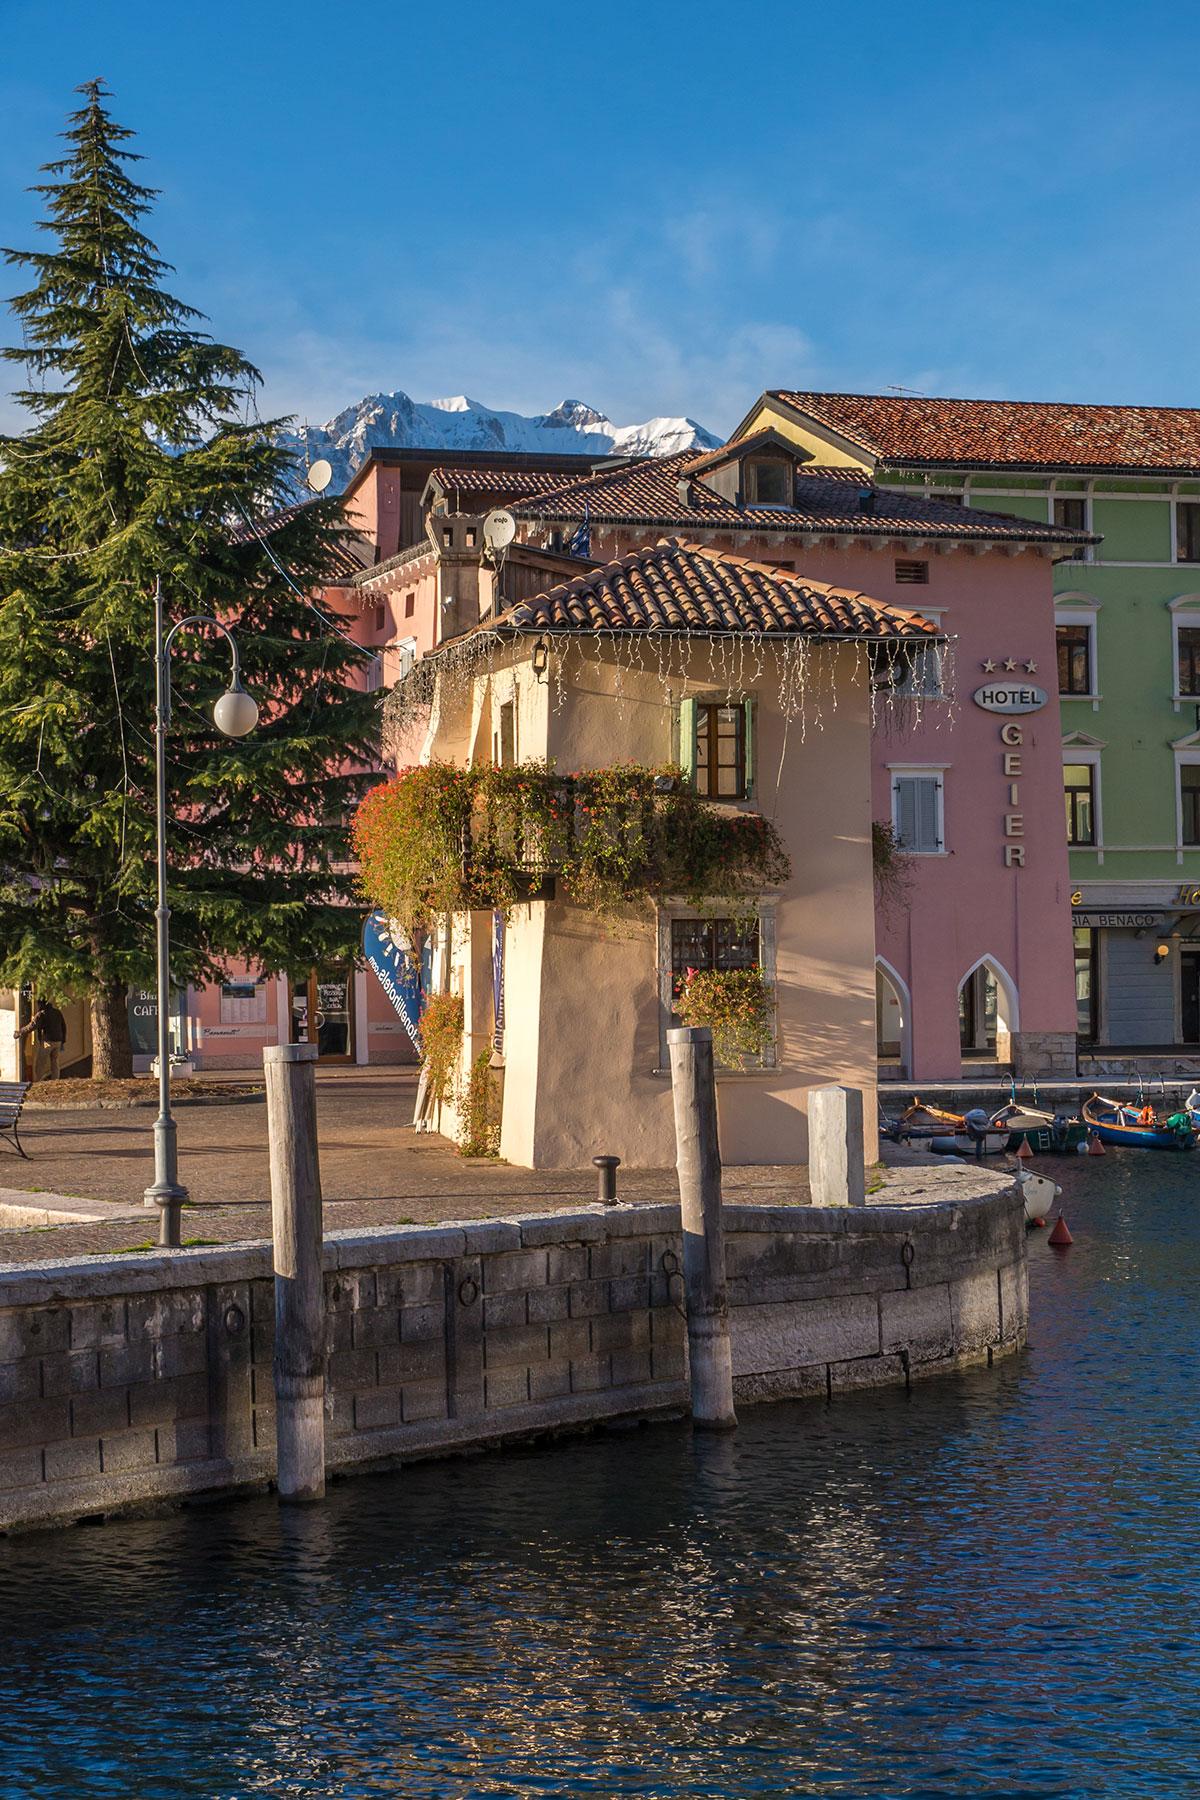 Hafen von Torbole am Gardasee